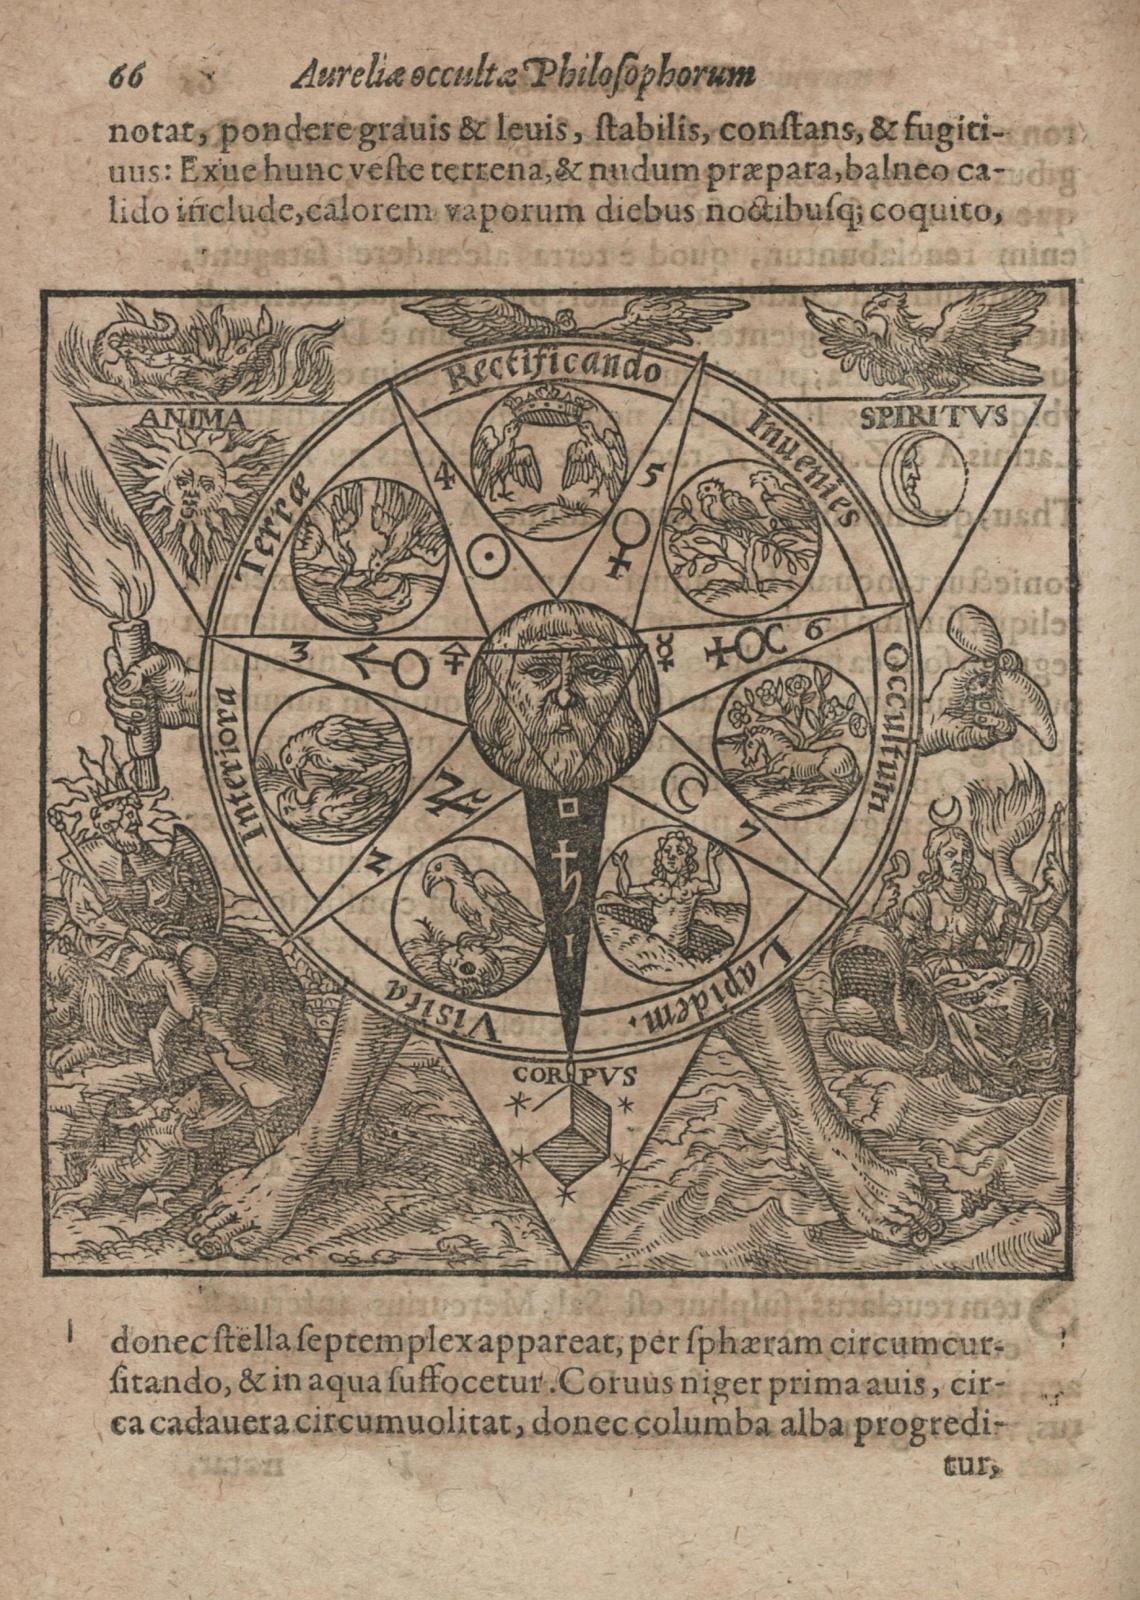 Azoth, Sive Aureliae Occultae Philosophorum by Basil Valentine, 1613 (dresden)